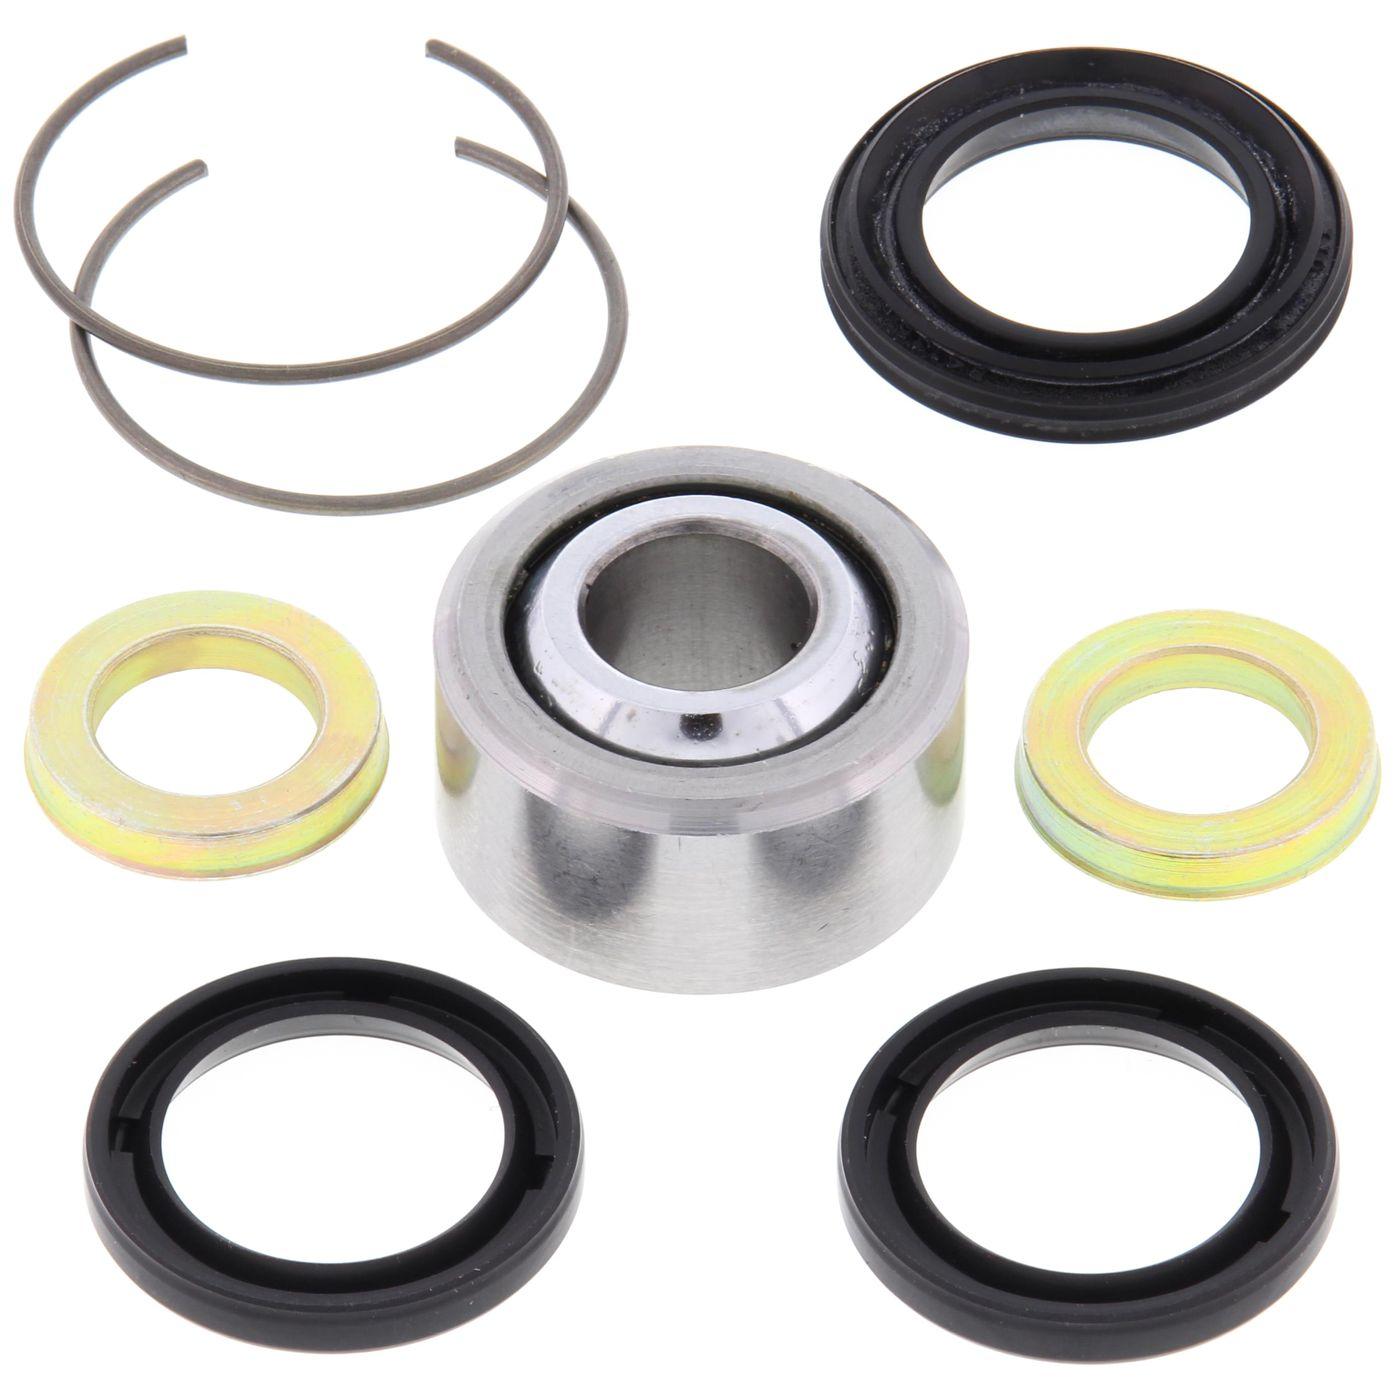 wrp shock bearing kits - WRP291006 image